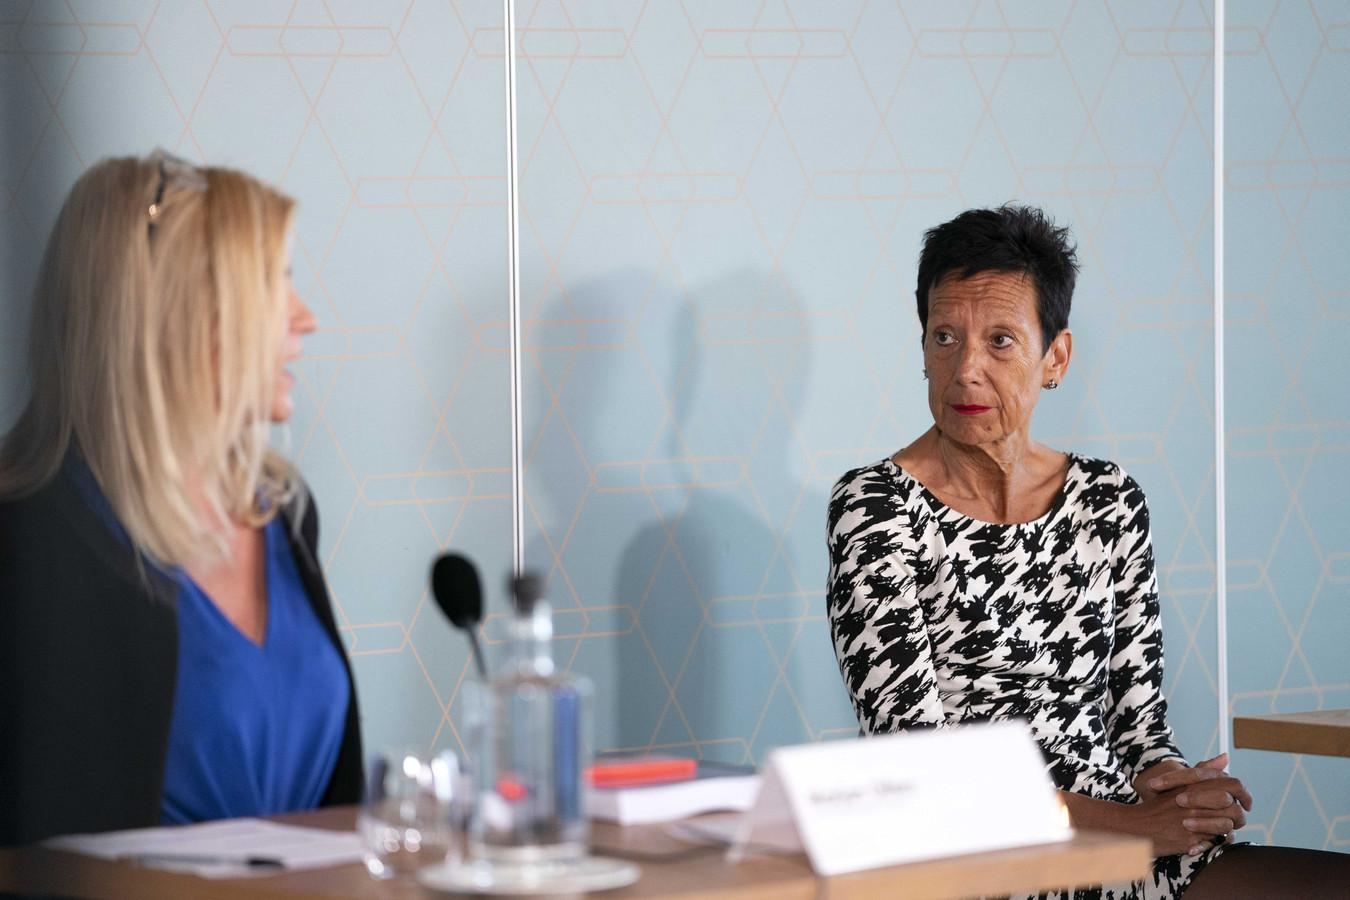 Voorzitter Monique Kempff van de KNGU tijdens de presentatie van het rapport over de aard en de omvang van grensoverschrijdend gedrag in de gymsport.